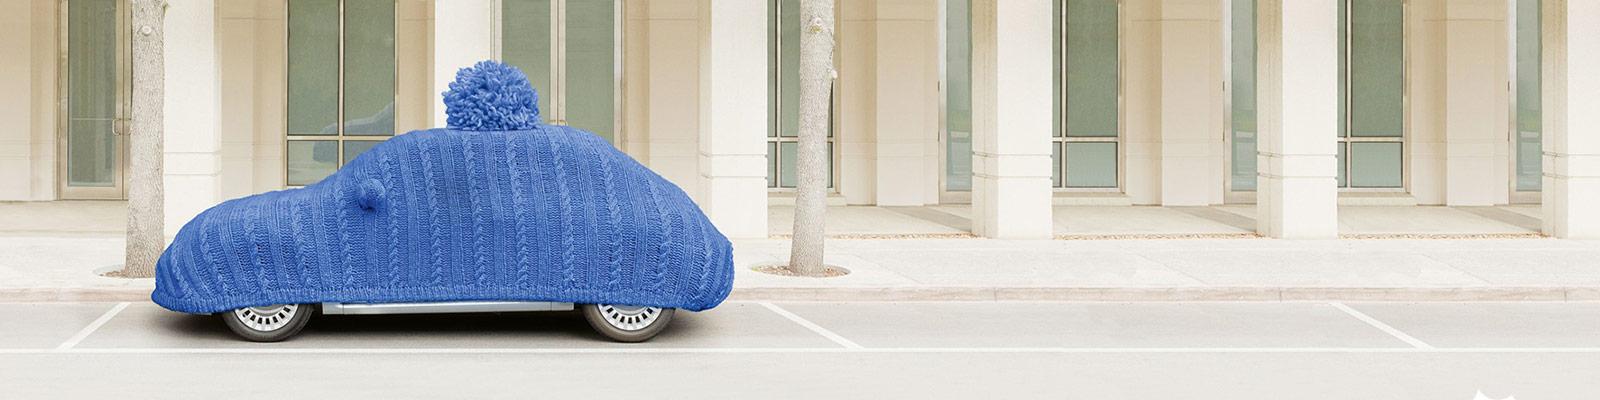 car-insurance-karaj